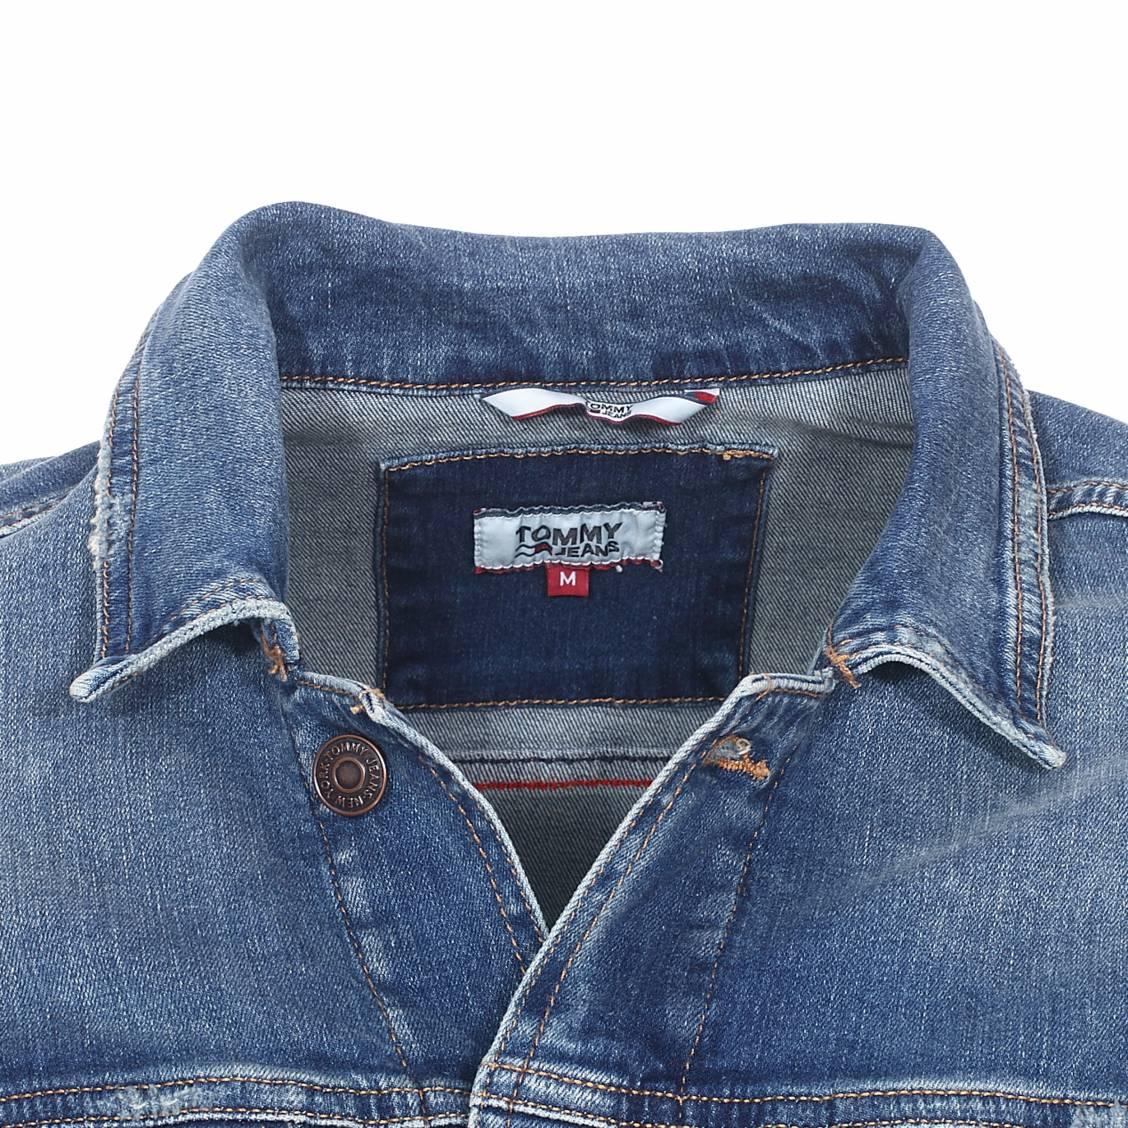 En Coton Jeans Jean Stretch Bleu Délavé Clmmb Veste Tommy Rue Oqad4Ow